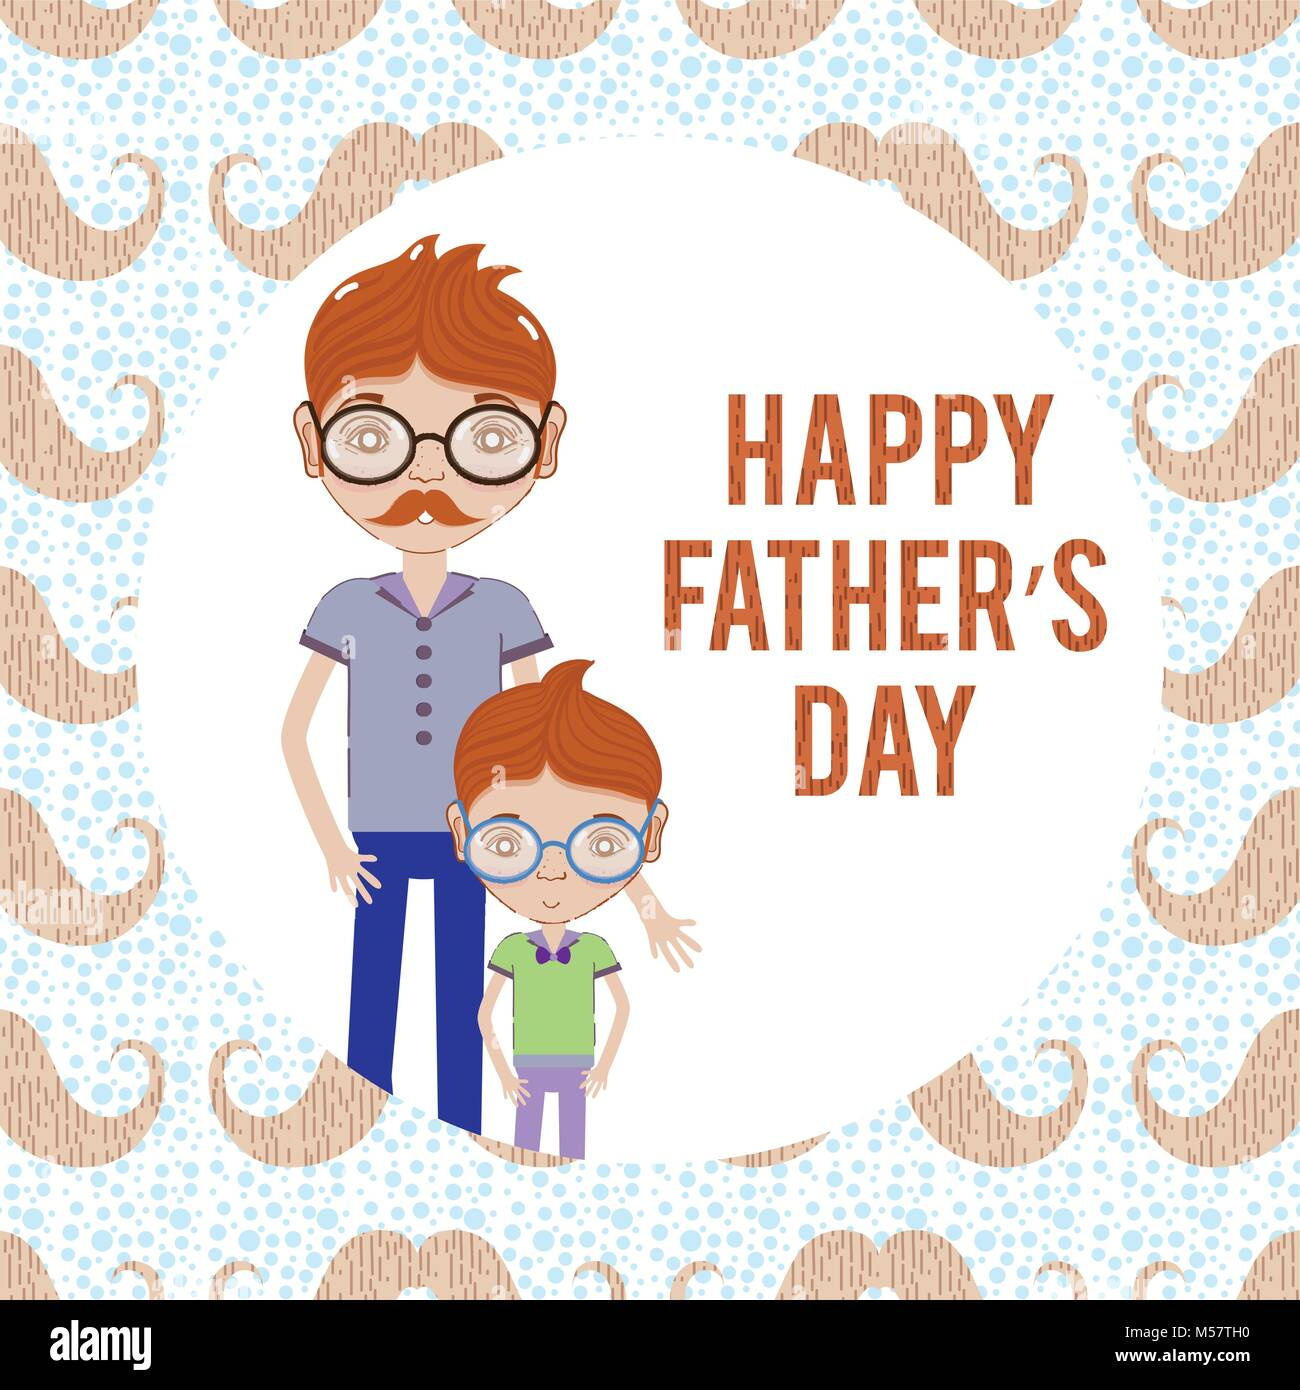 Illustration de dessin animé drôle de fête des pères heureux